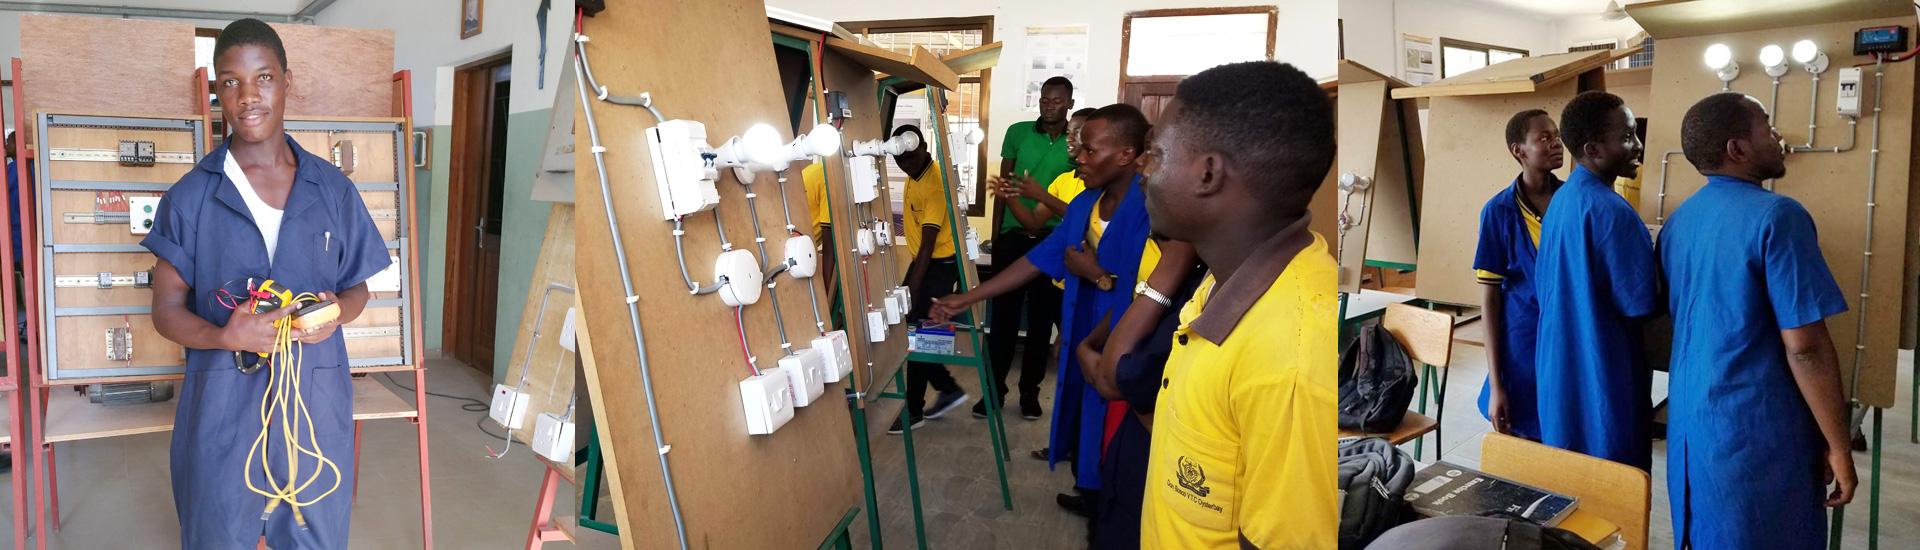 Formación para los jóvenes en energías renovables